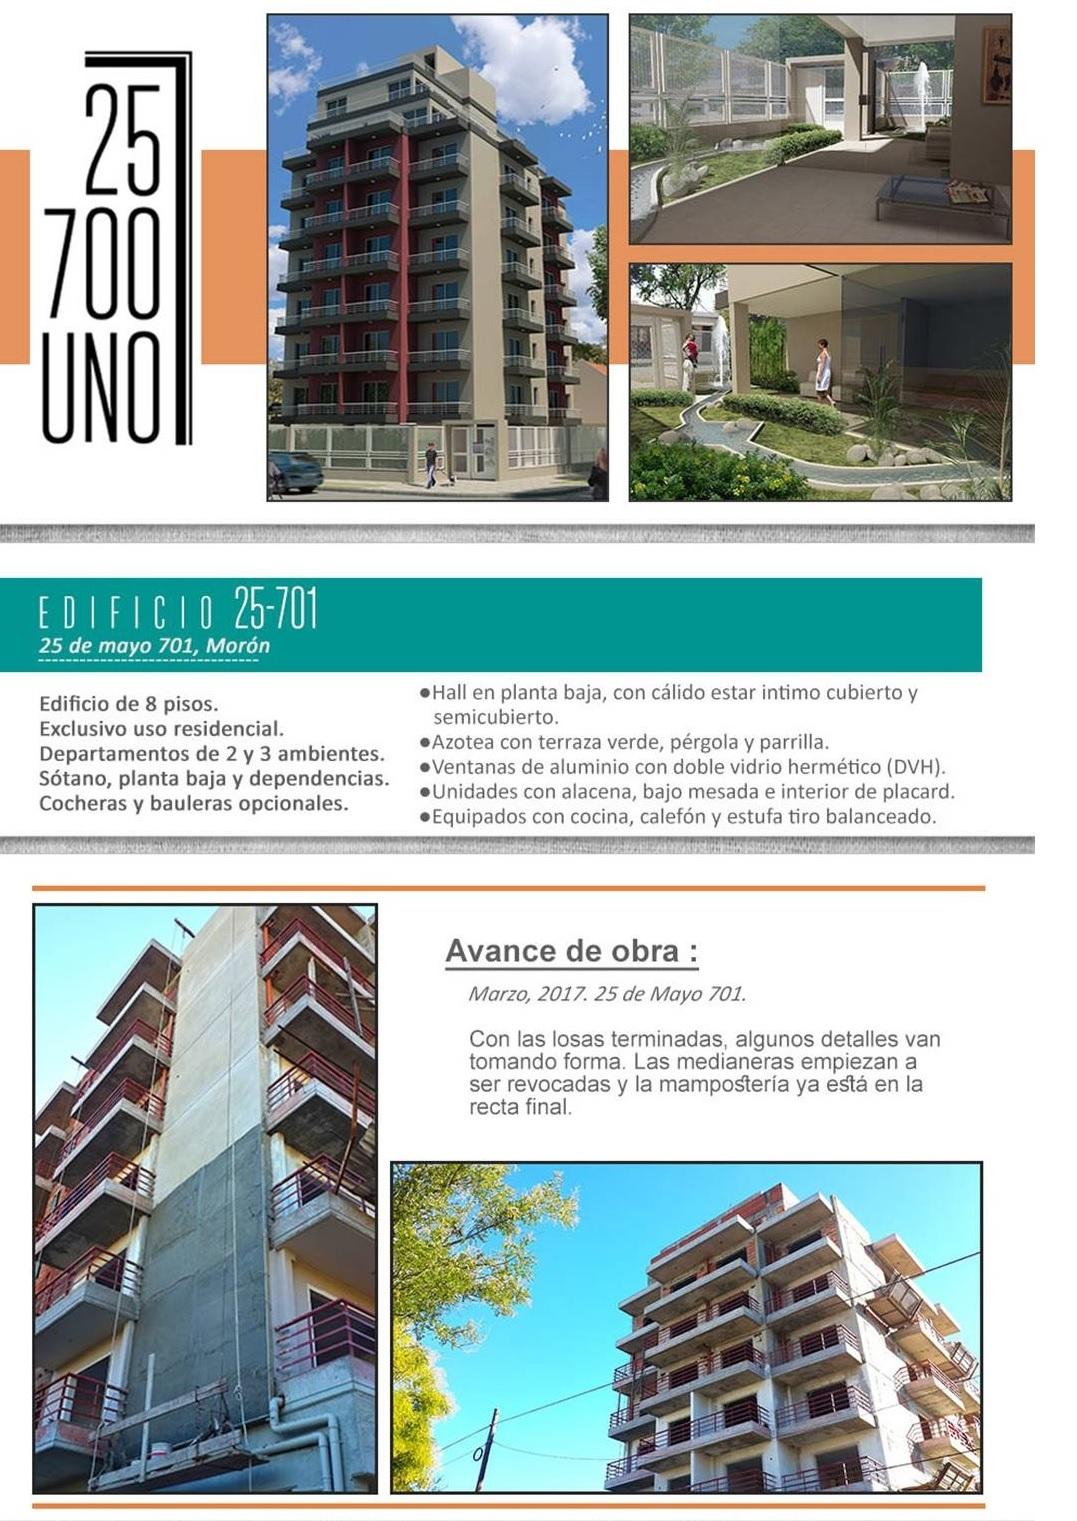 Edificio 25-701 - Edificio en Mor?n 2 ambientes